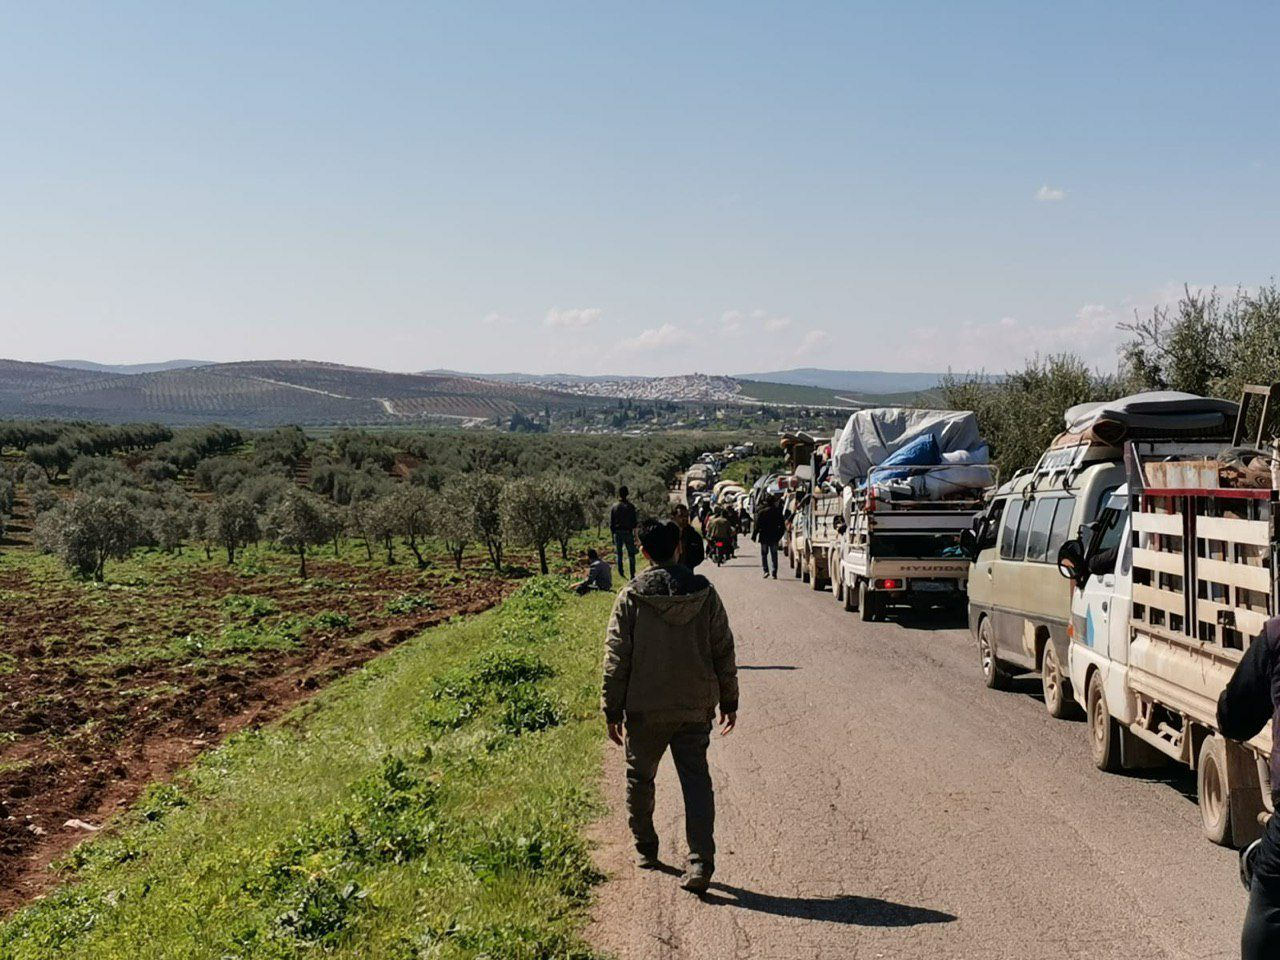 بعد إغلاق لعدة أيام .. إعادة فتح المعابر بين ريف حلب وإدلب بدءا من اليوم